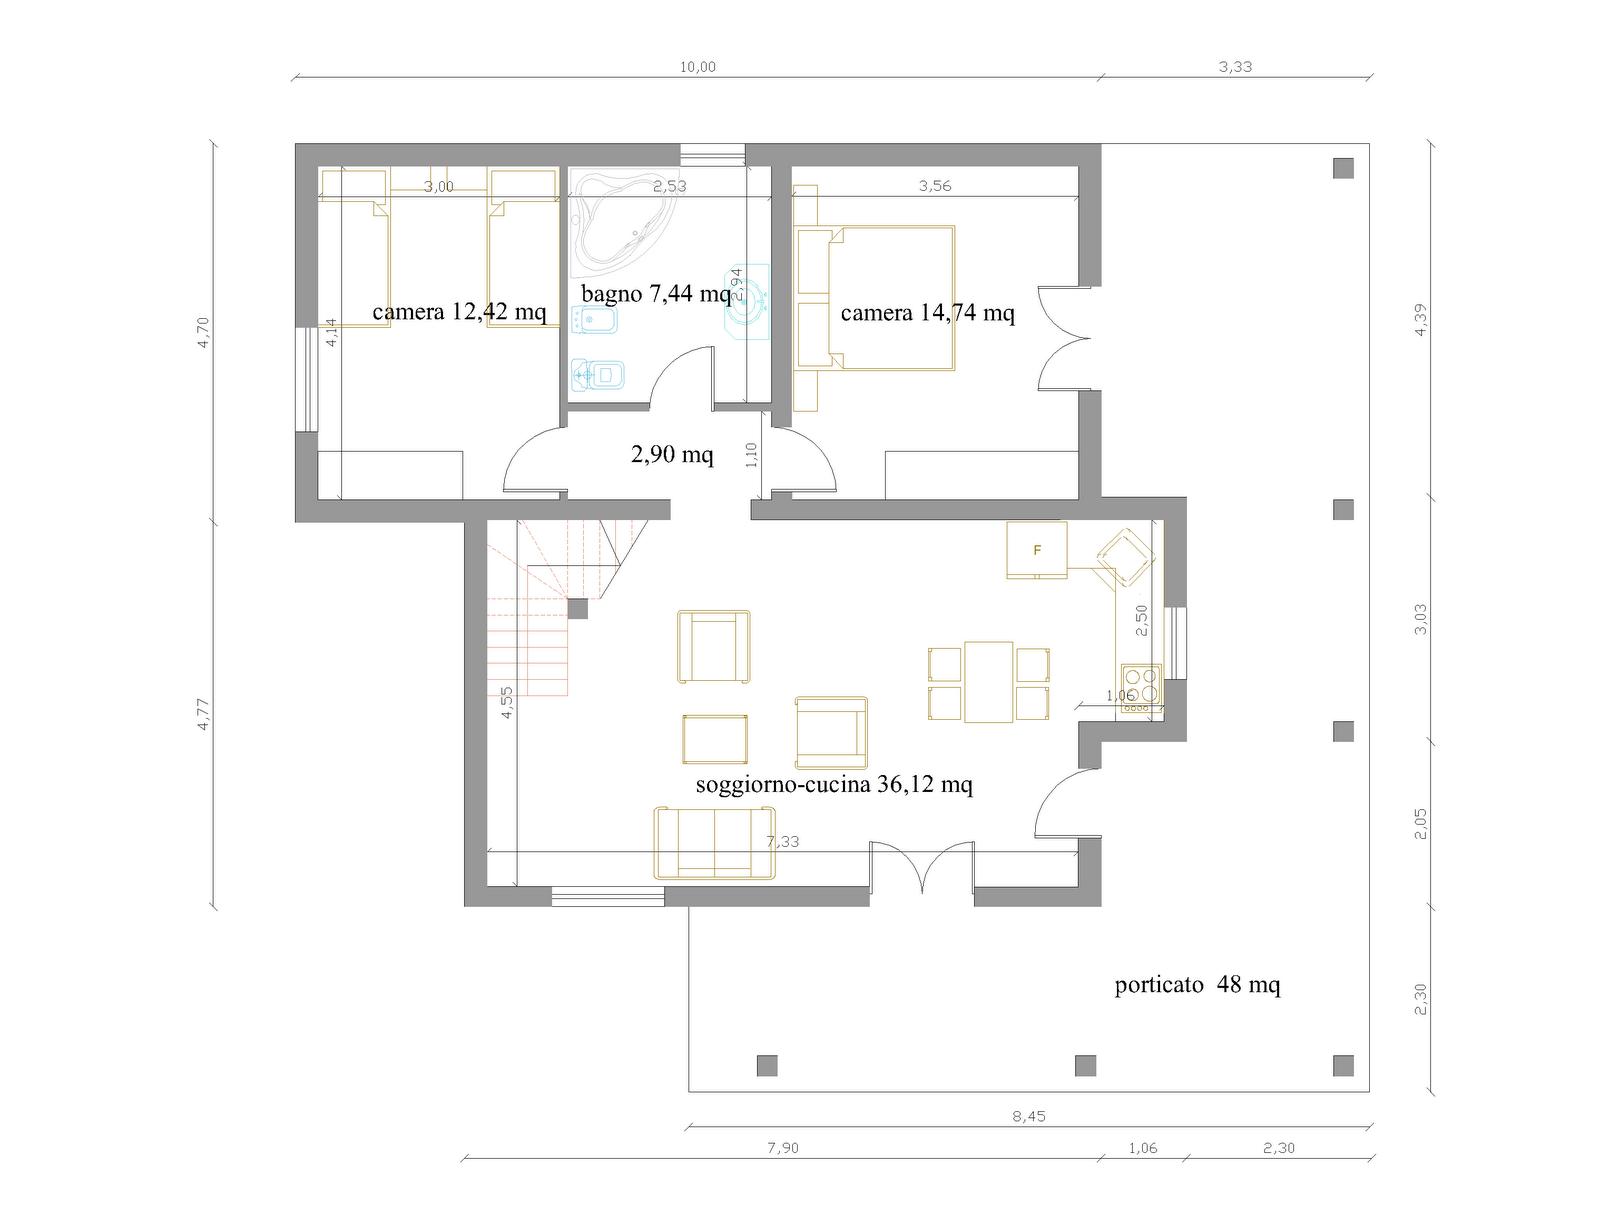 Conosciuto Progetti Case Piano Terra. Awesome Piano Casa Progetto Di Una With  VR92